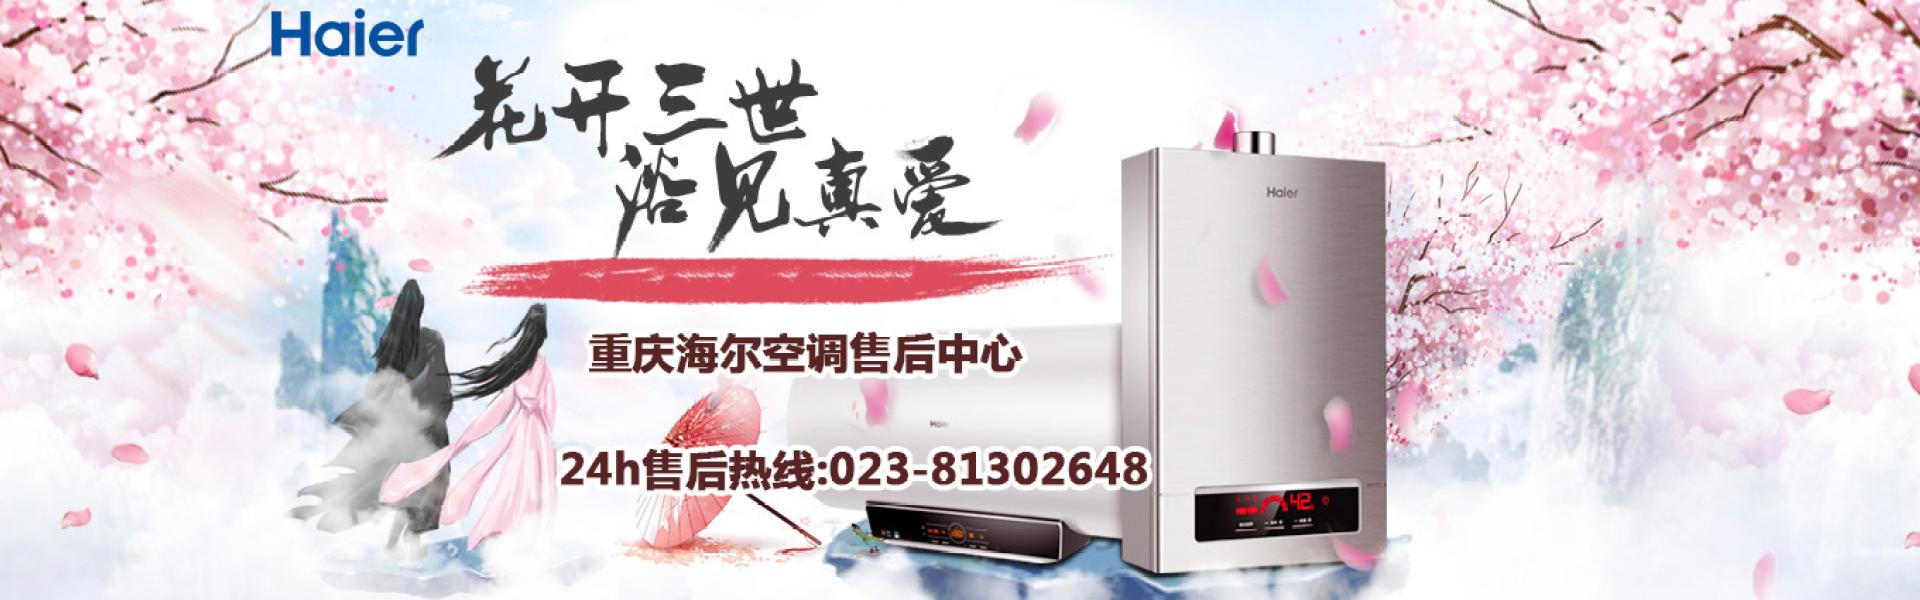 重庆海尔空调售后中心电话